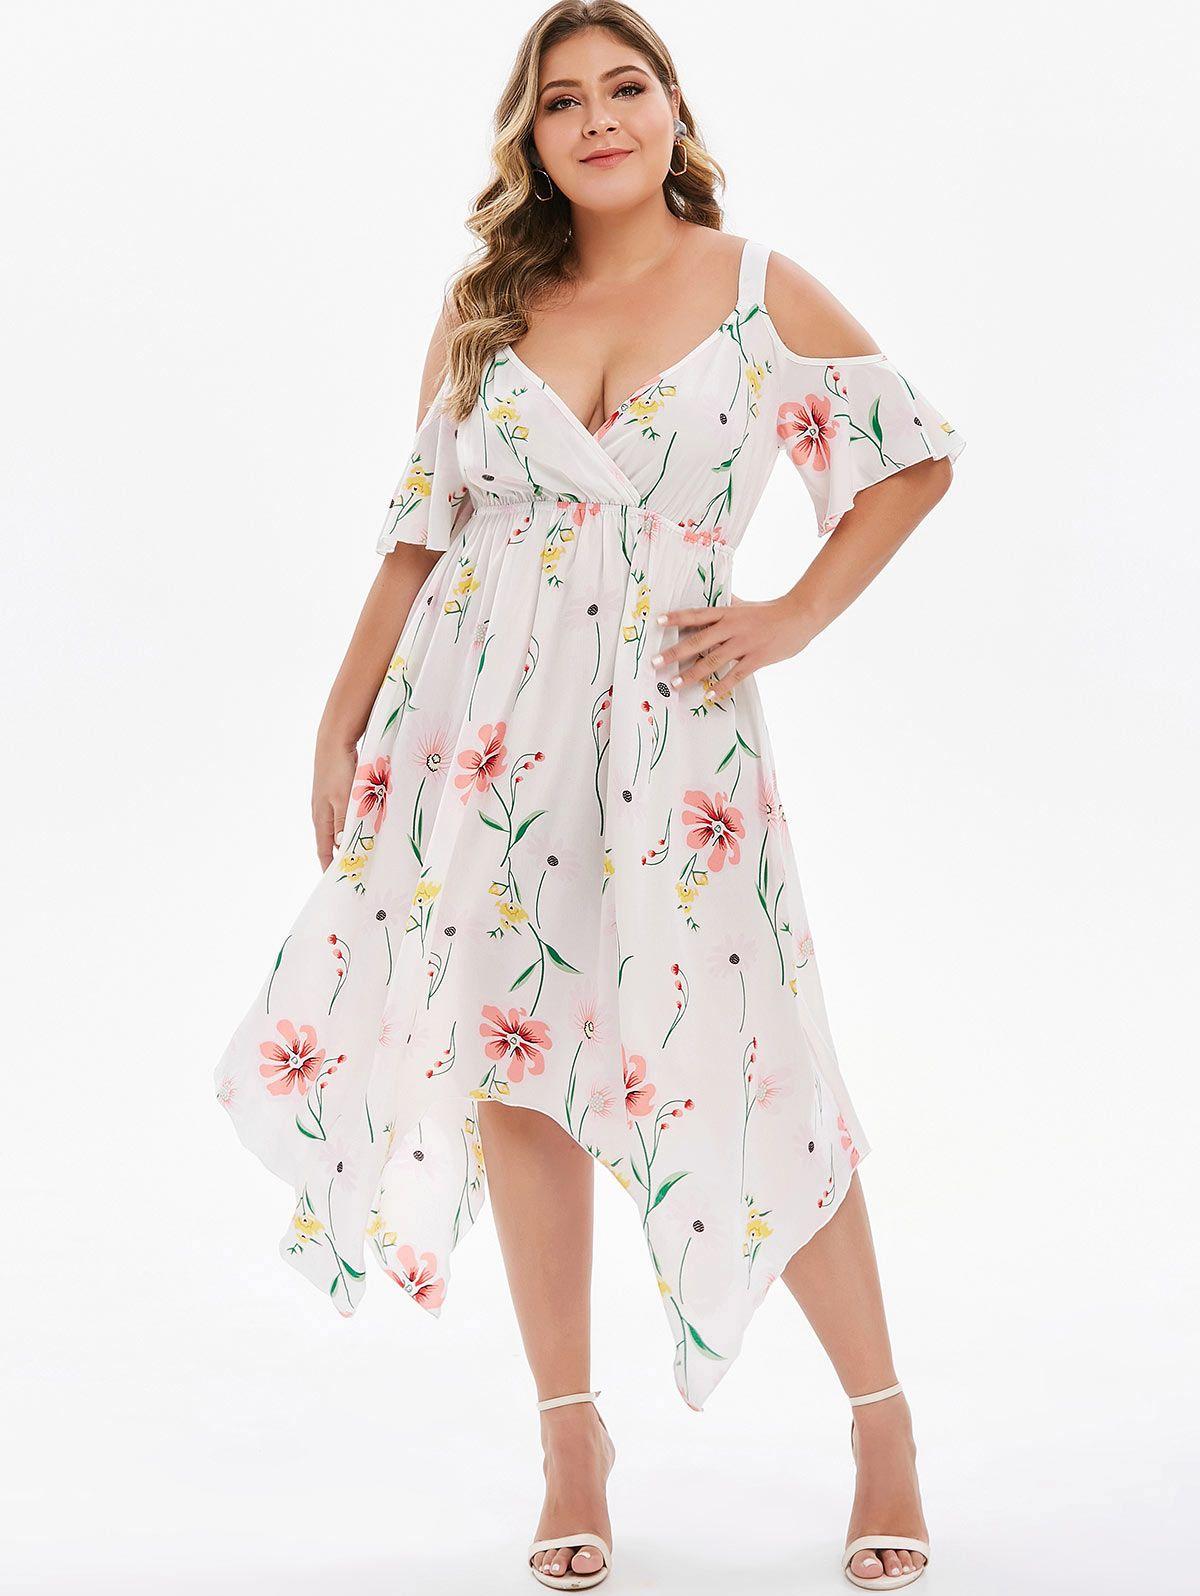 Dressfo floor length sleeveless plus size sundresses